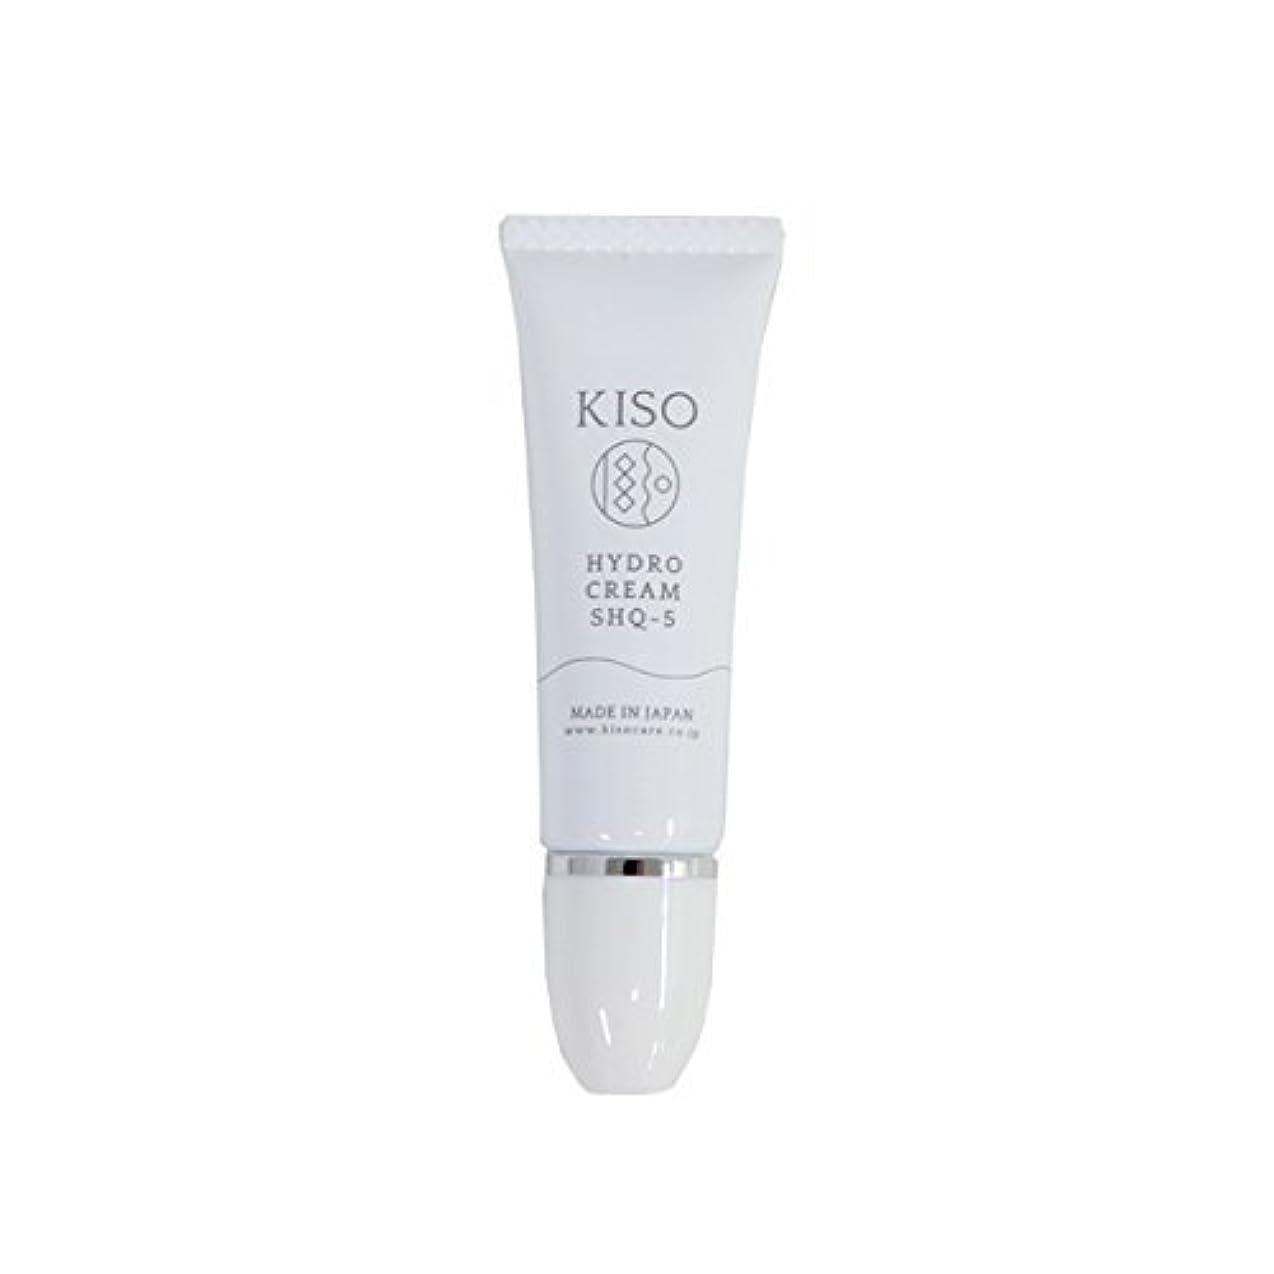 同盟ユニークな切断するKISO 安定型 ハイドロキノン 5%配合【ハイドロ クリーム SHQ-5 10g】スキンケアで肌を整えた後にちょこっとケア 日本製